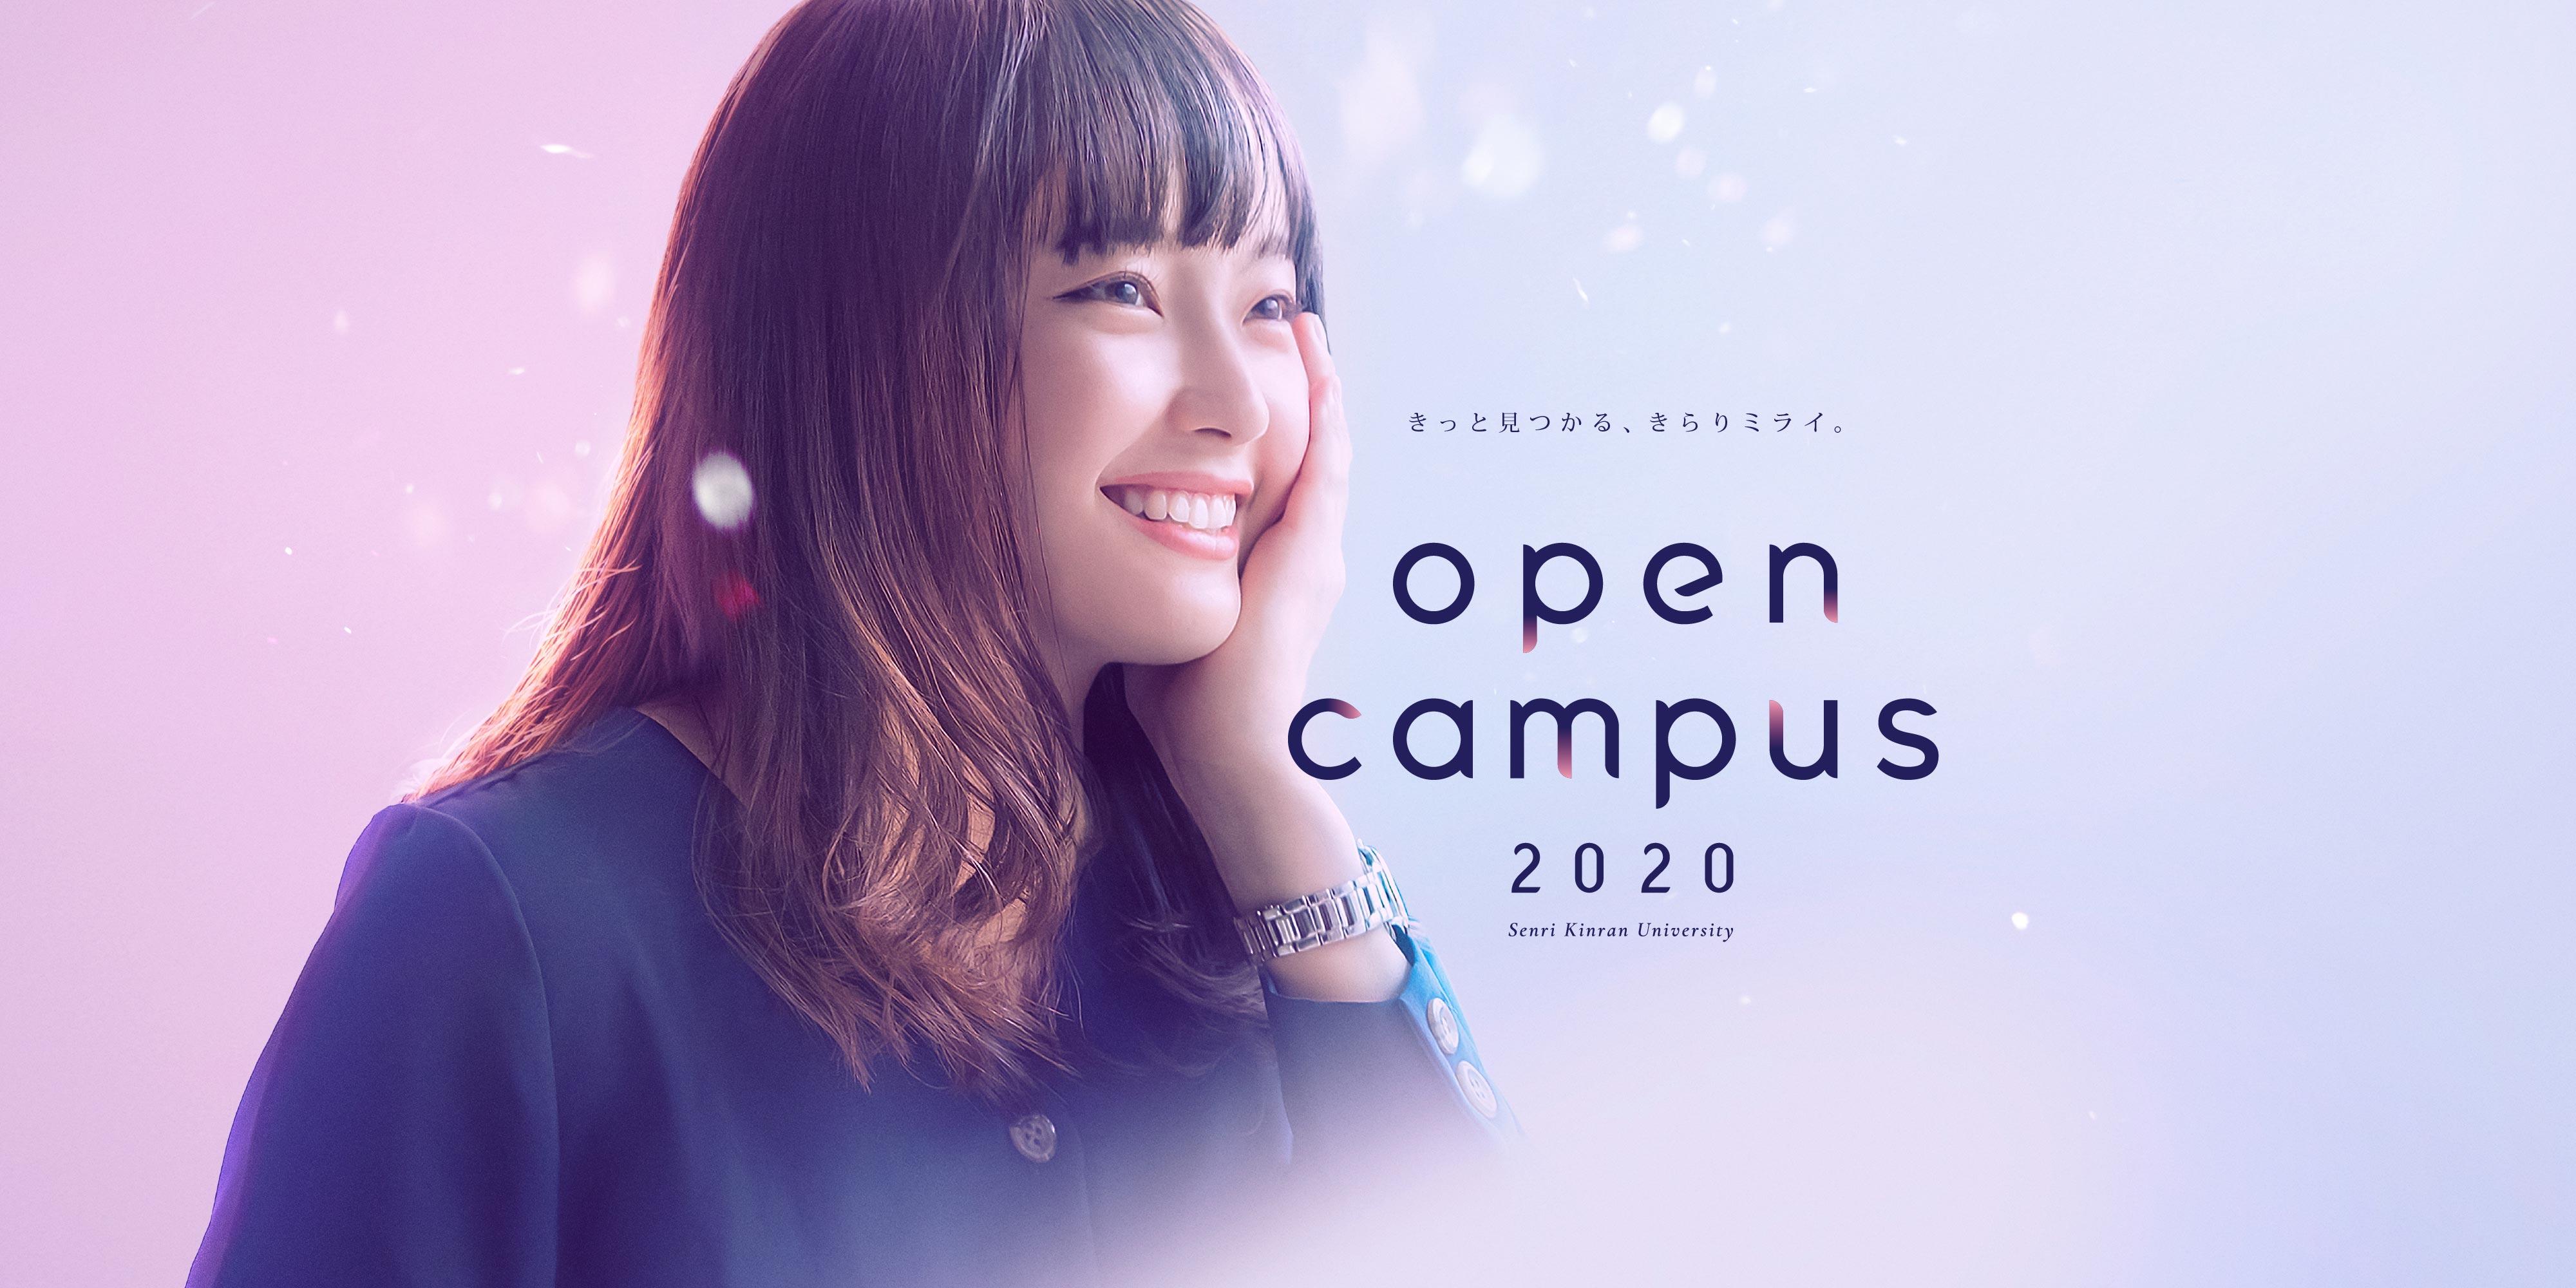 キャンパス 四 2020 大学 オープン 天王寺